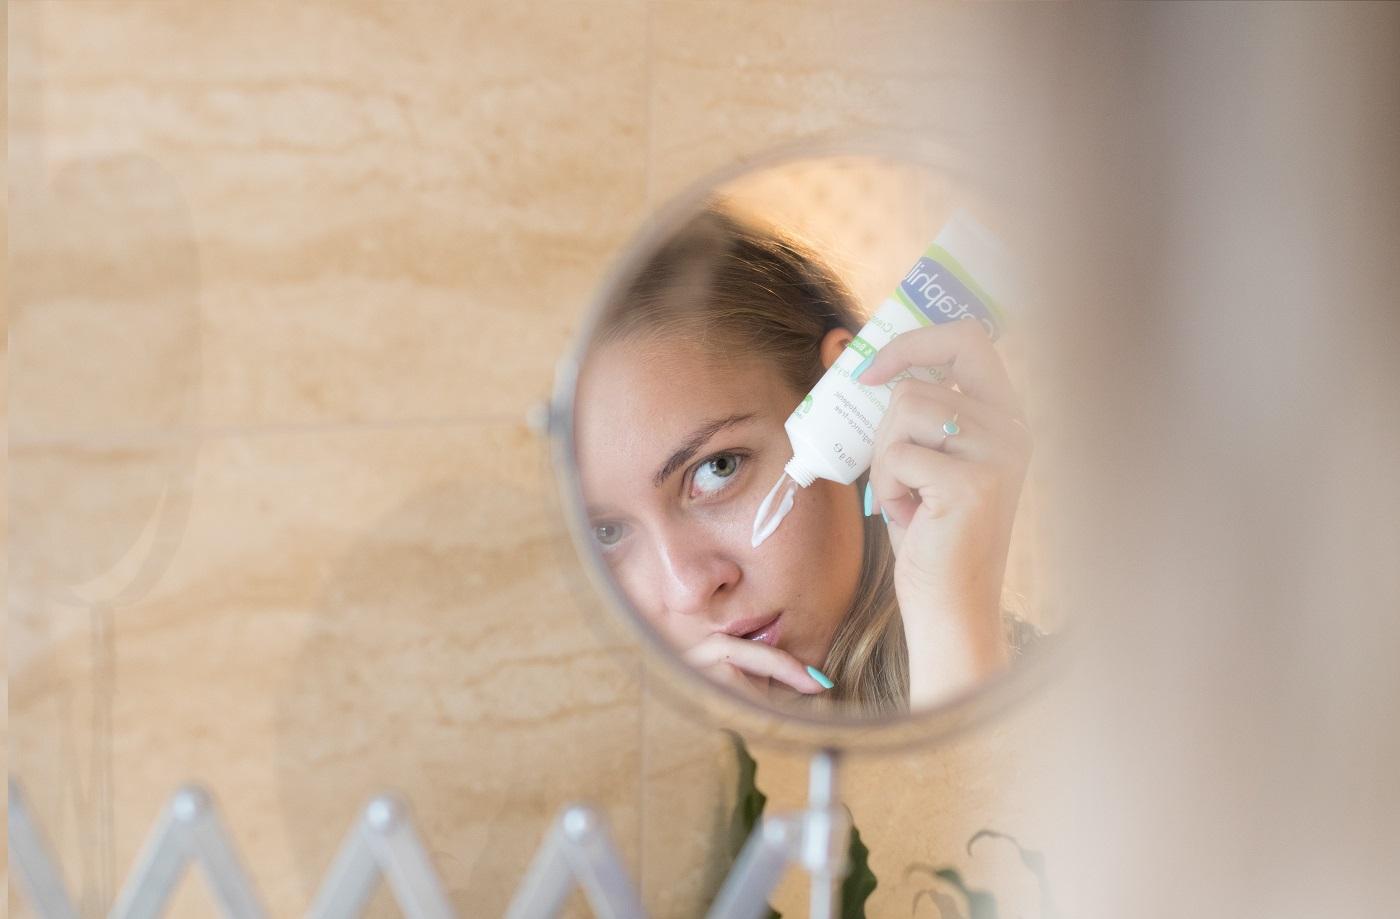 pikkelysömör a korai szakaszban hogyan kell kezelni hogyan lehet pikkelysömör kezelésére lenmagot